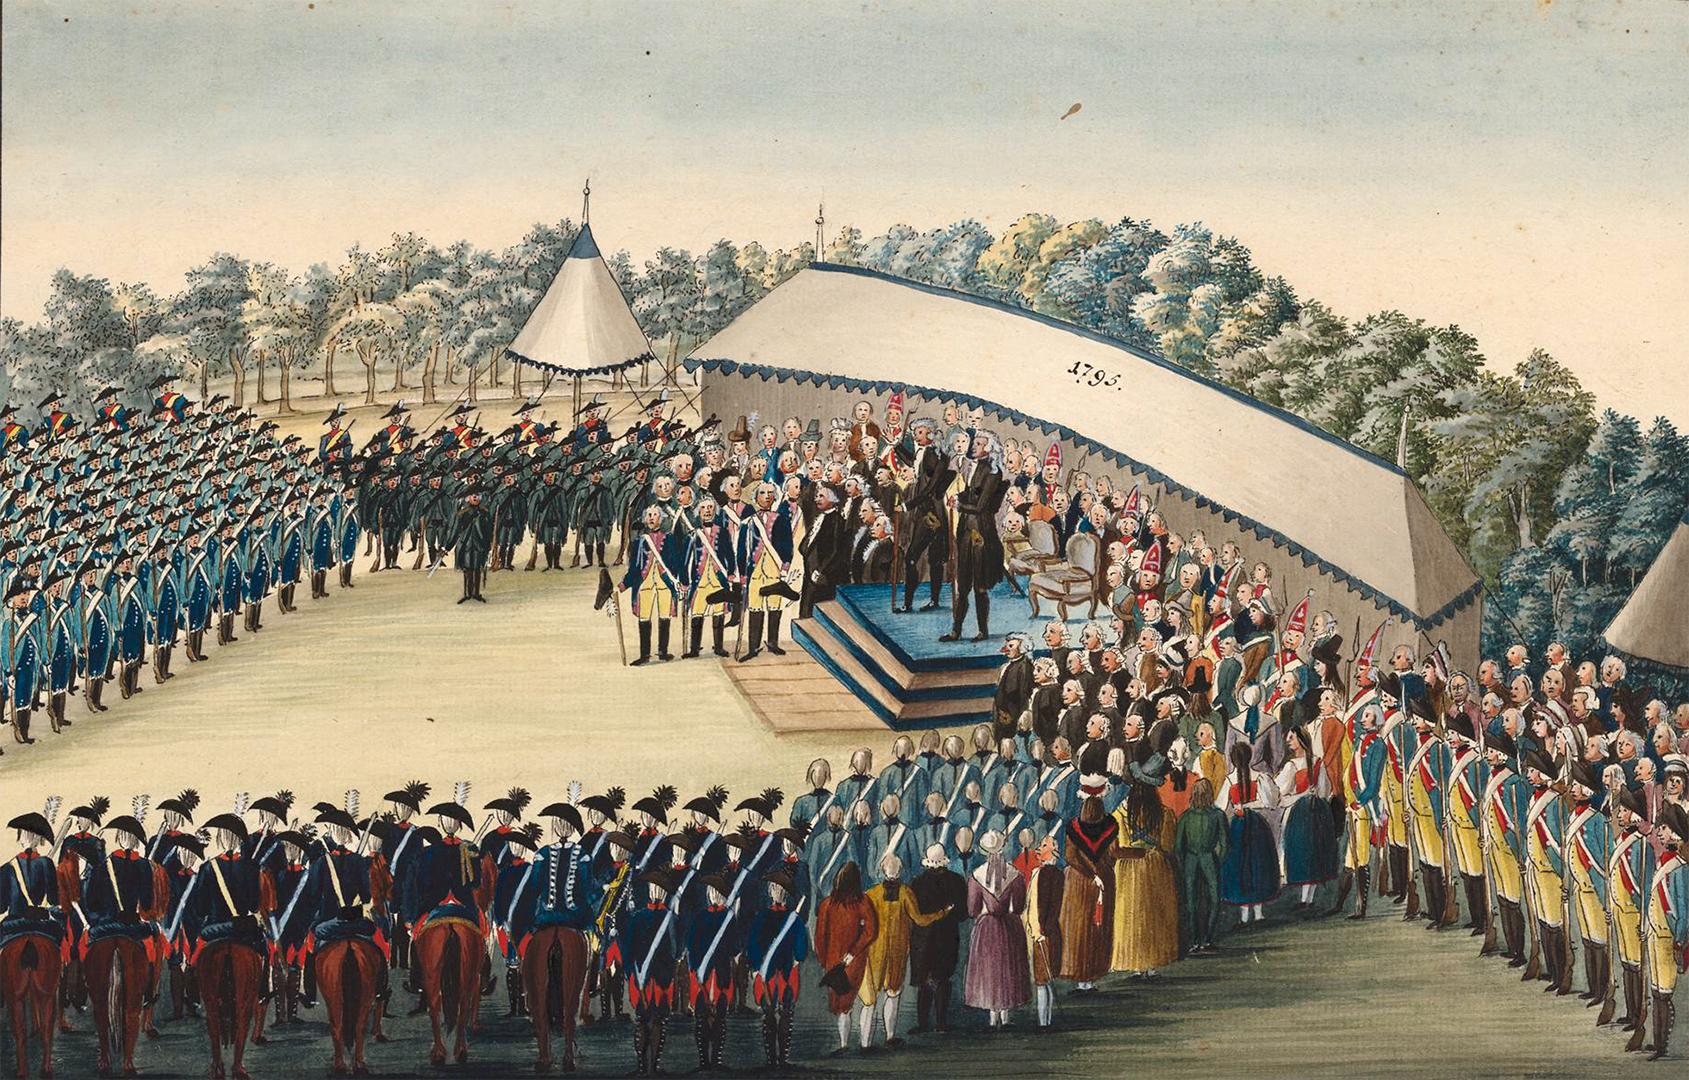 Am Ende nochmals eine Inszenierung von Macht und Hierarchie: Am 6. und 7. September 1795 entliess die Zürcher Obrigkeit auf dem Schützenplatz die nach Stäfa aufgebotenen Truppen. Aquarell, Maler unbekannt.